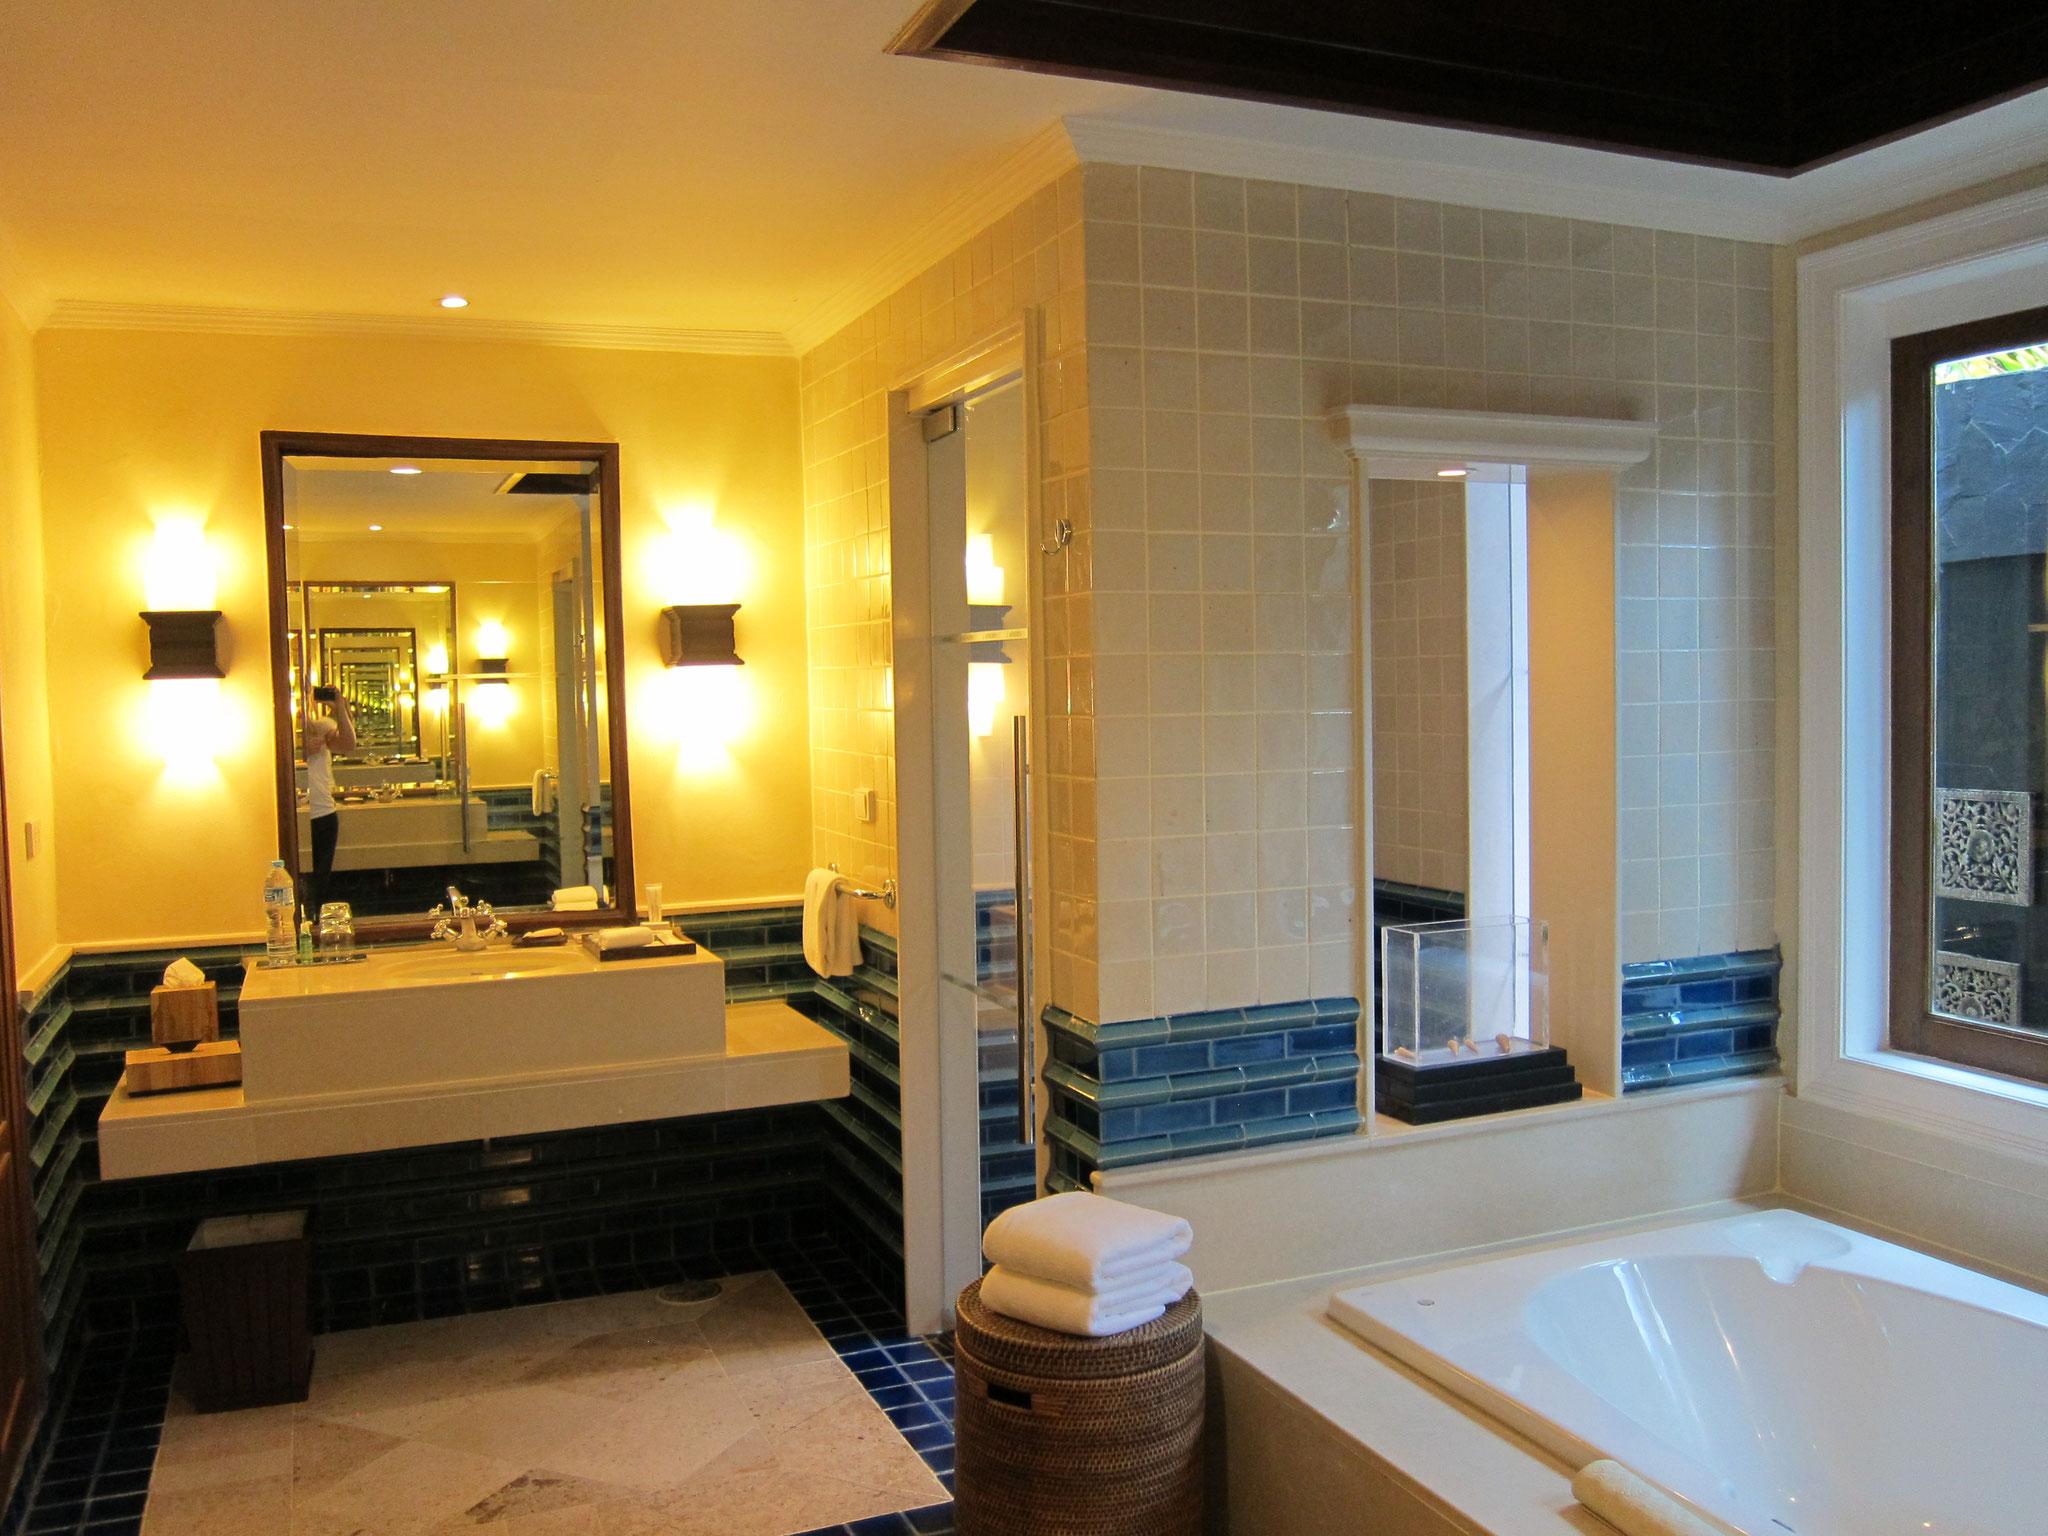 Pullman Resort Oceanfrontvilla